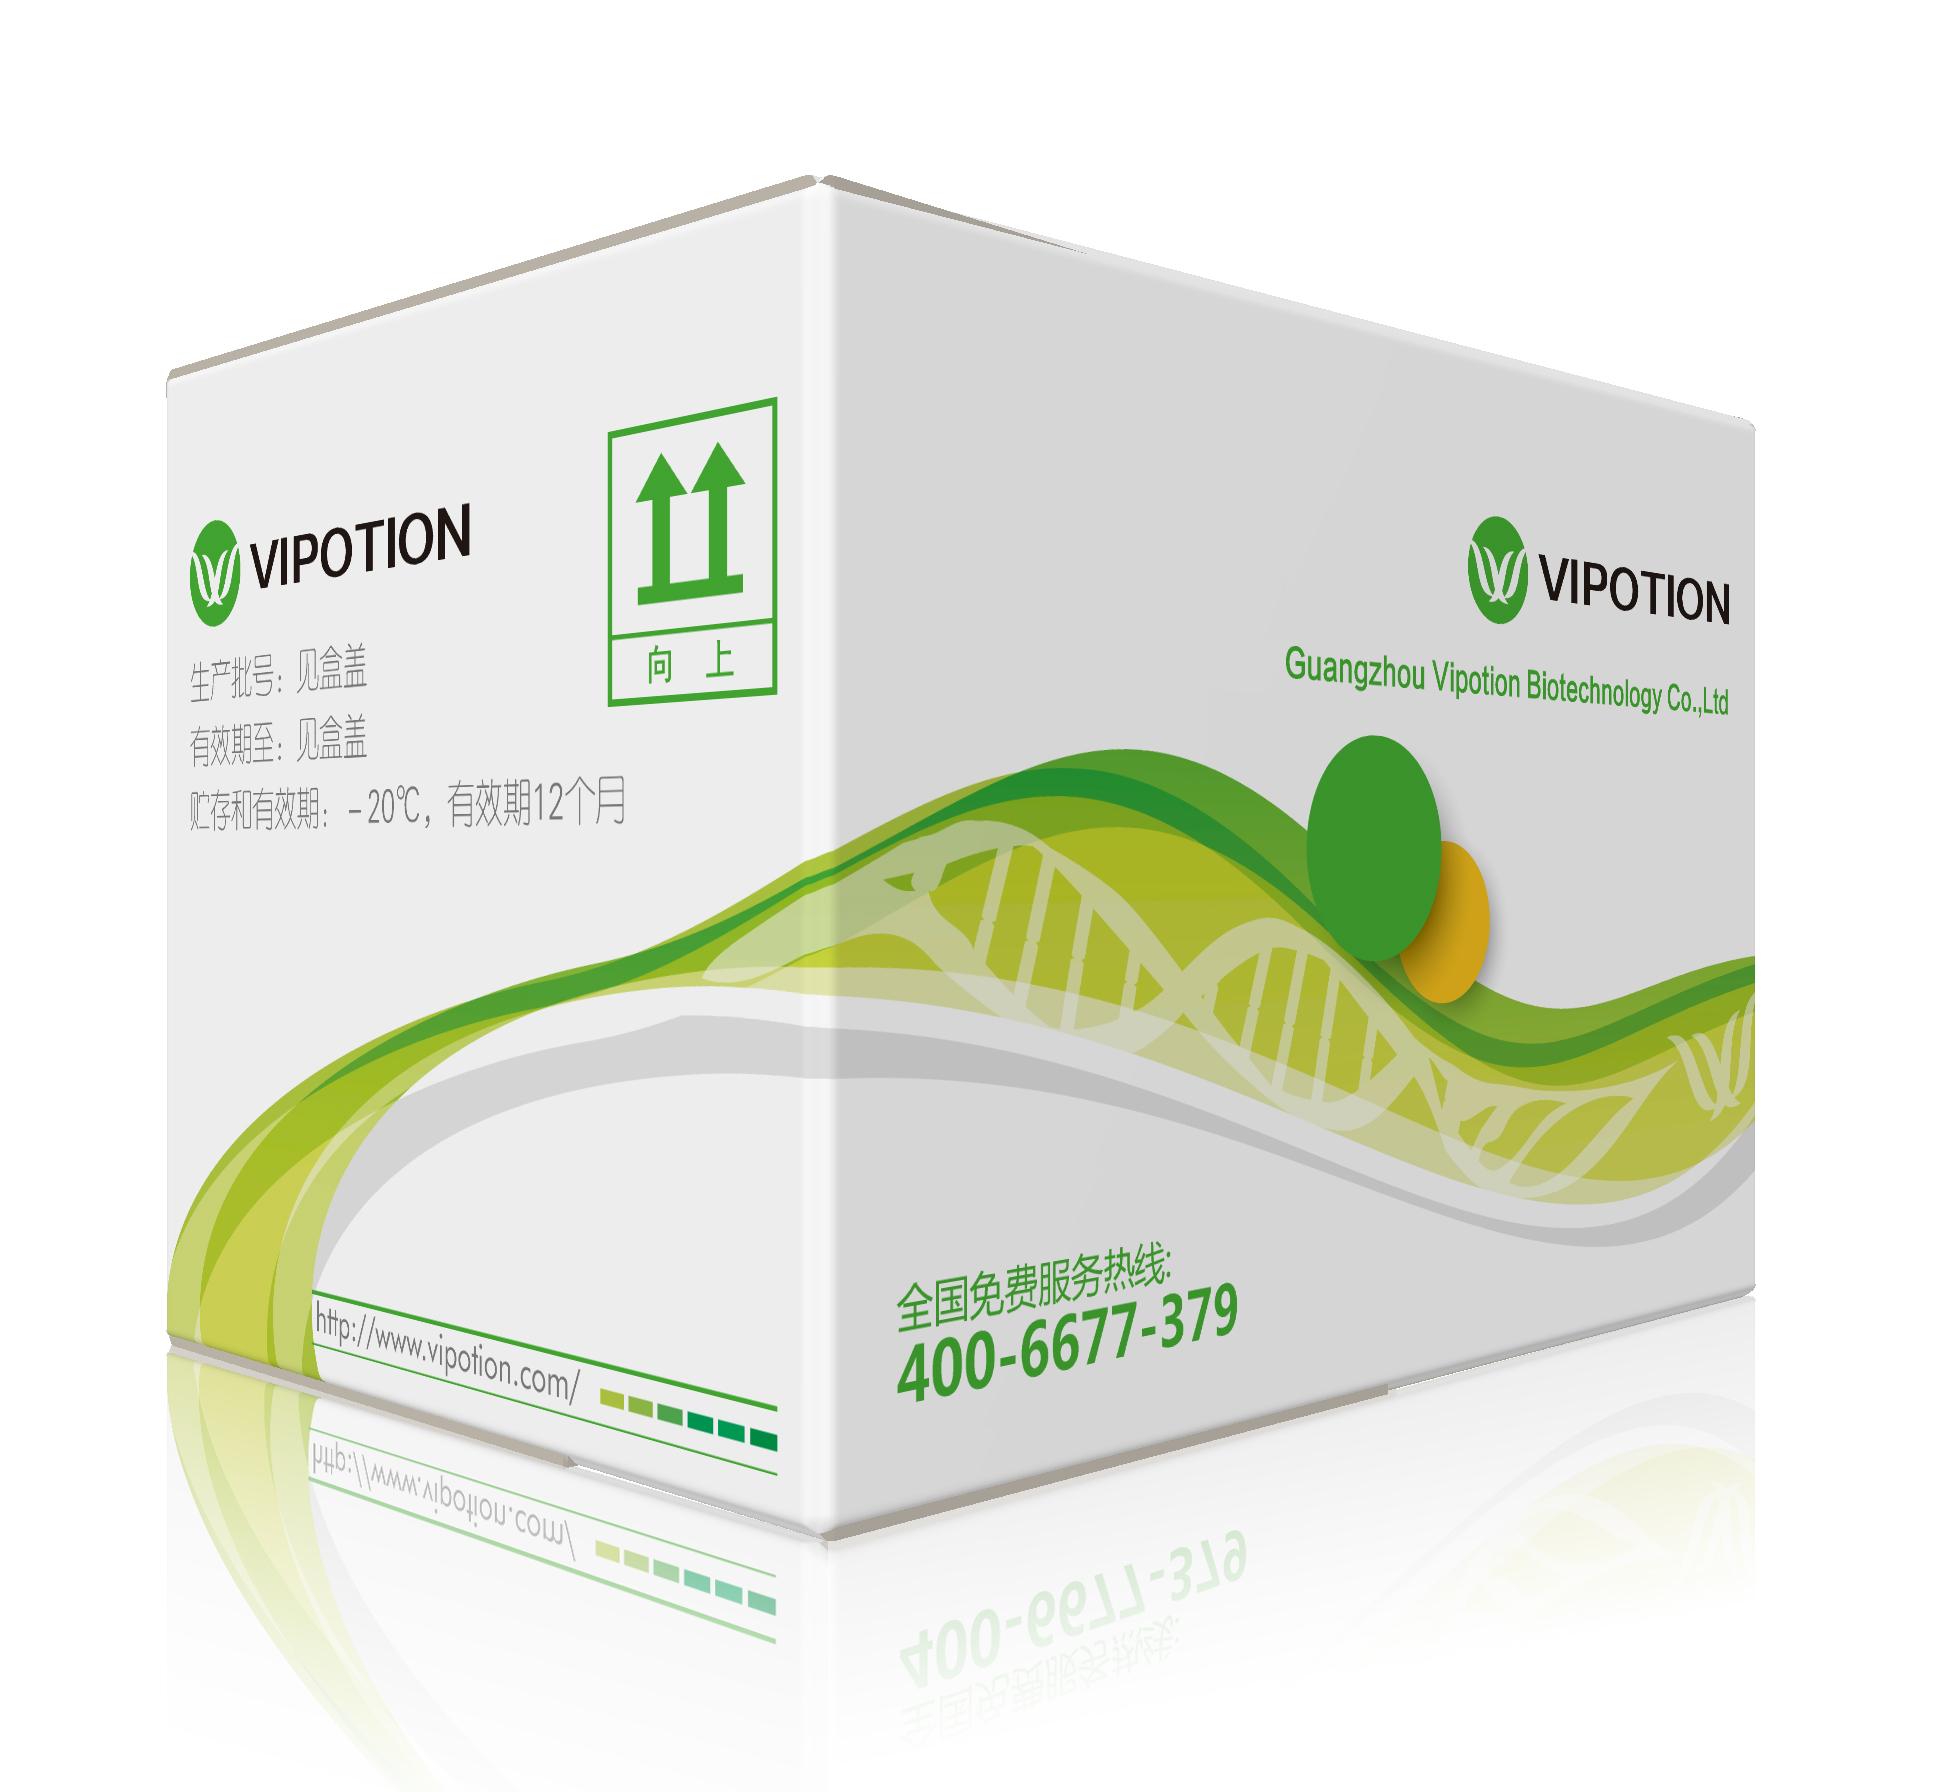 犬细小病毒(CPV)核酸检测试剂盒(PCR法)